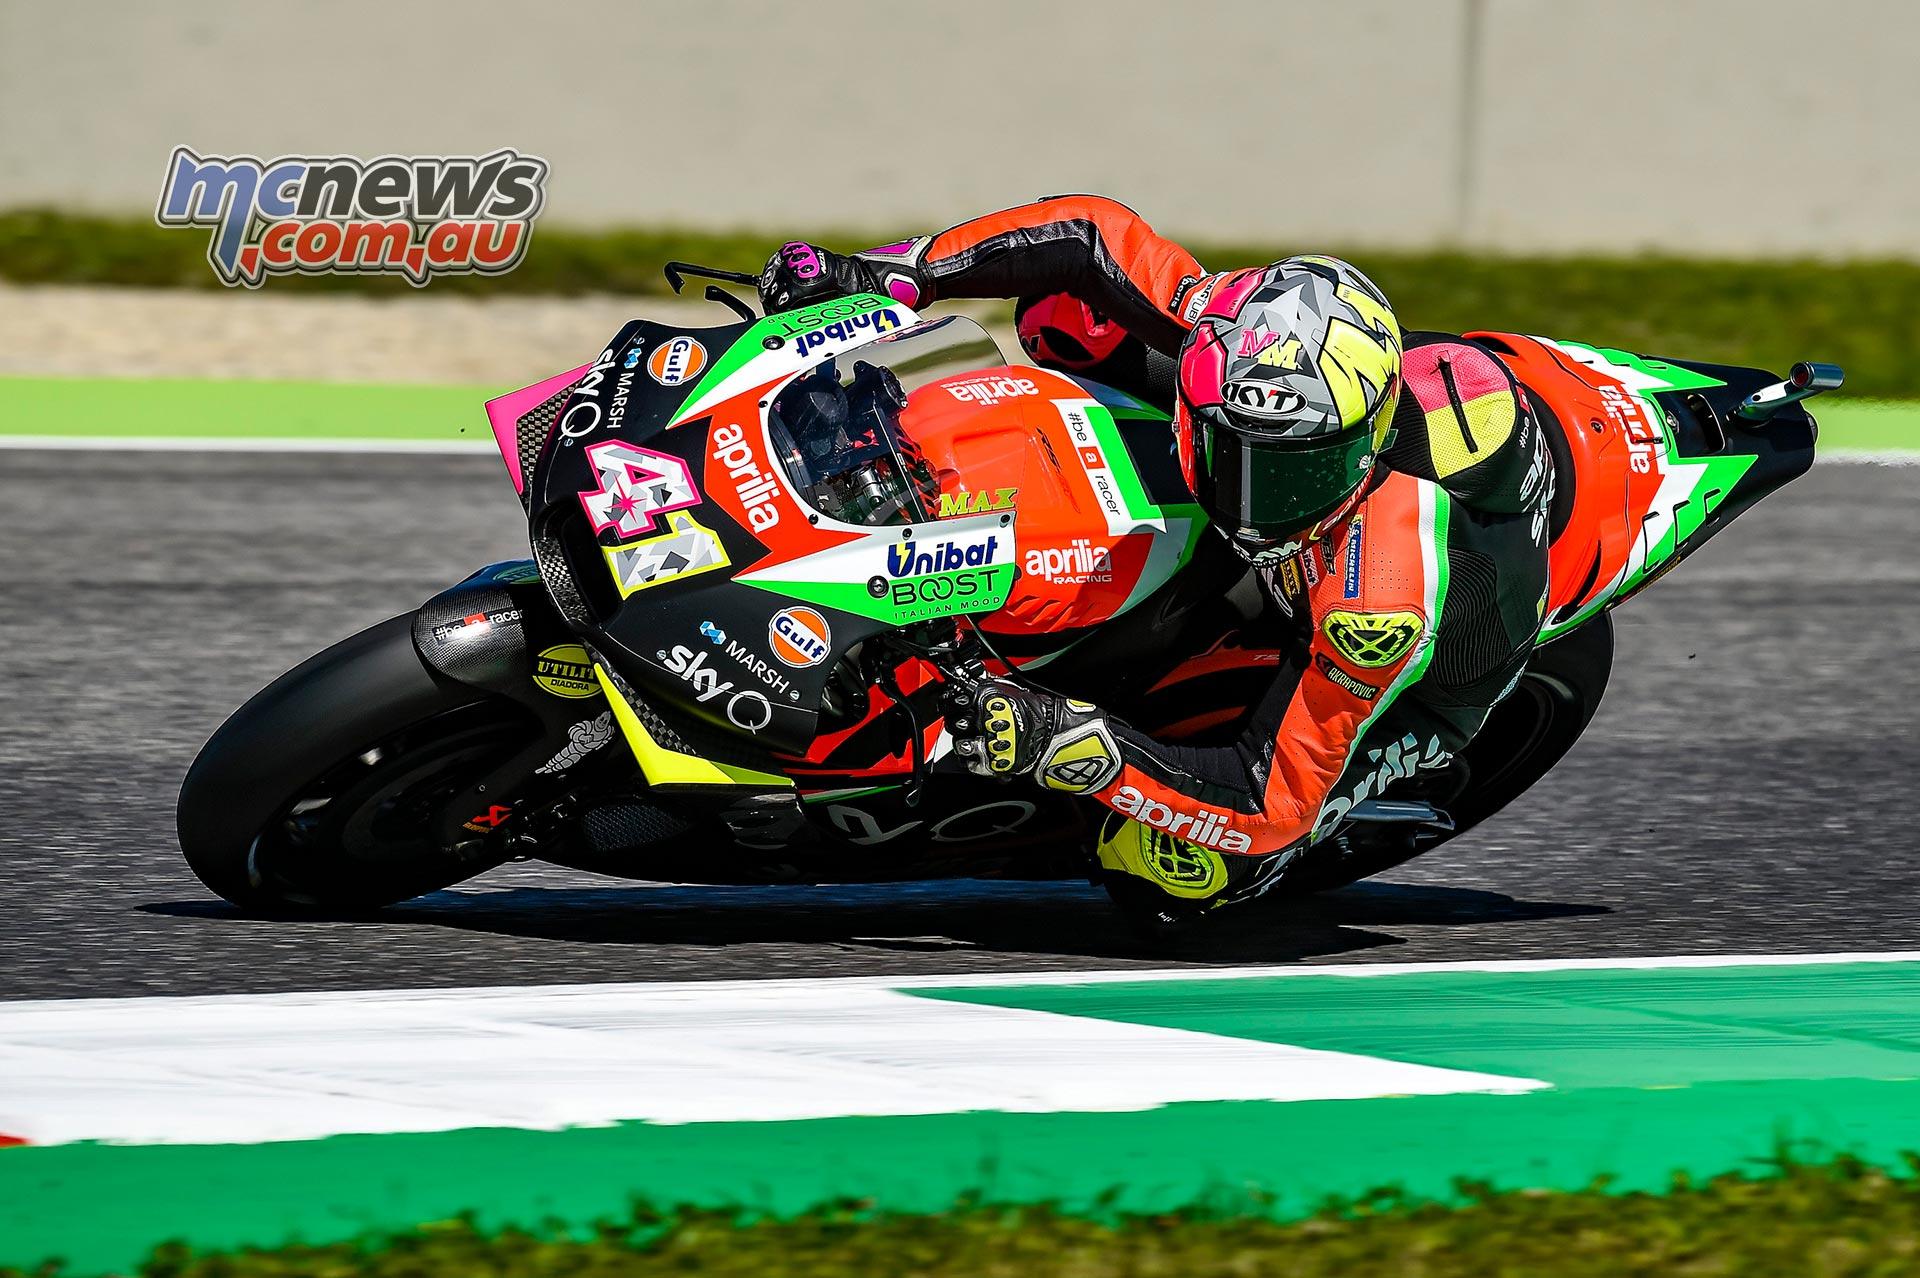 MotoGP Rnd Mugello QP Aleix Espargaro